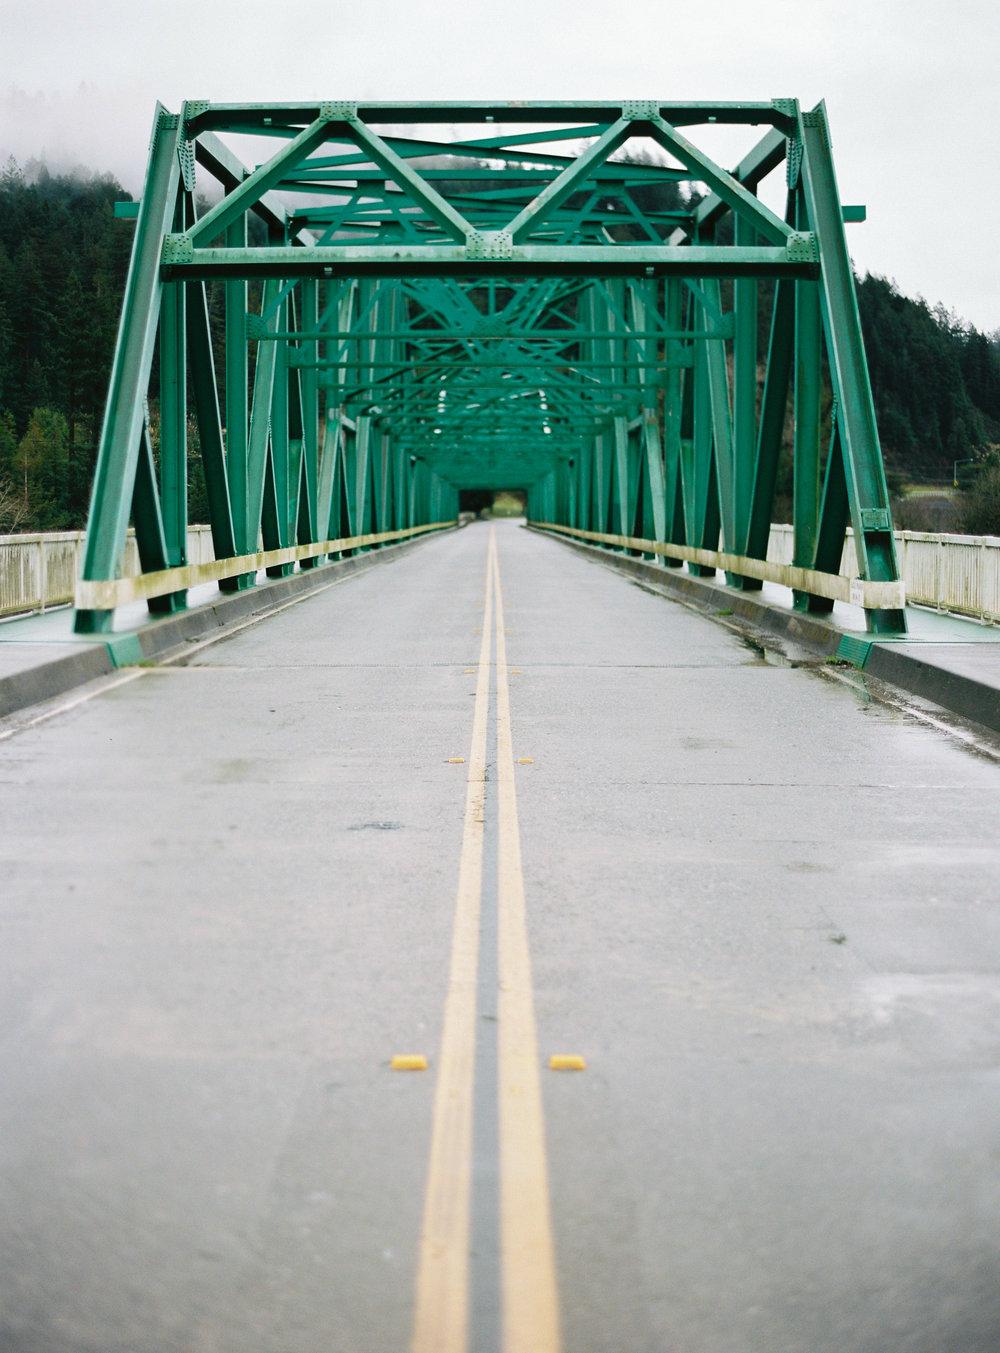 11-Redwoods-P400CelineHamelin_OregonRoadtrip-179-2.jpg